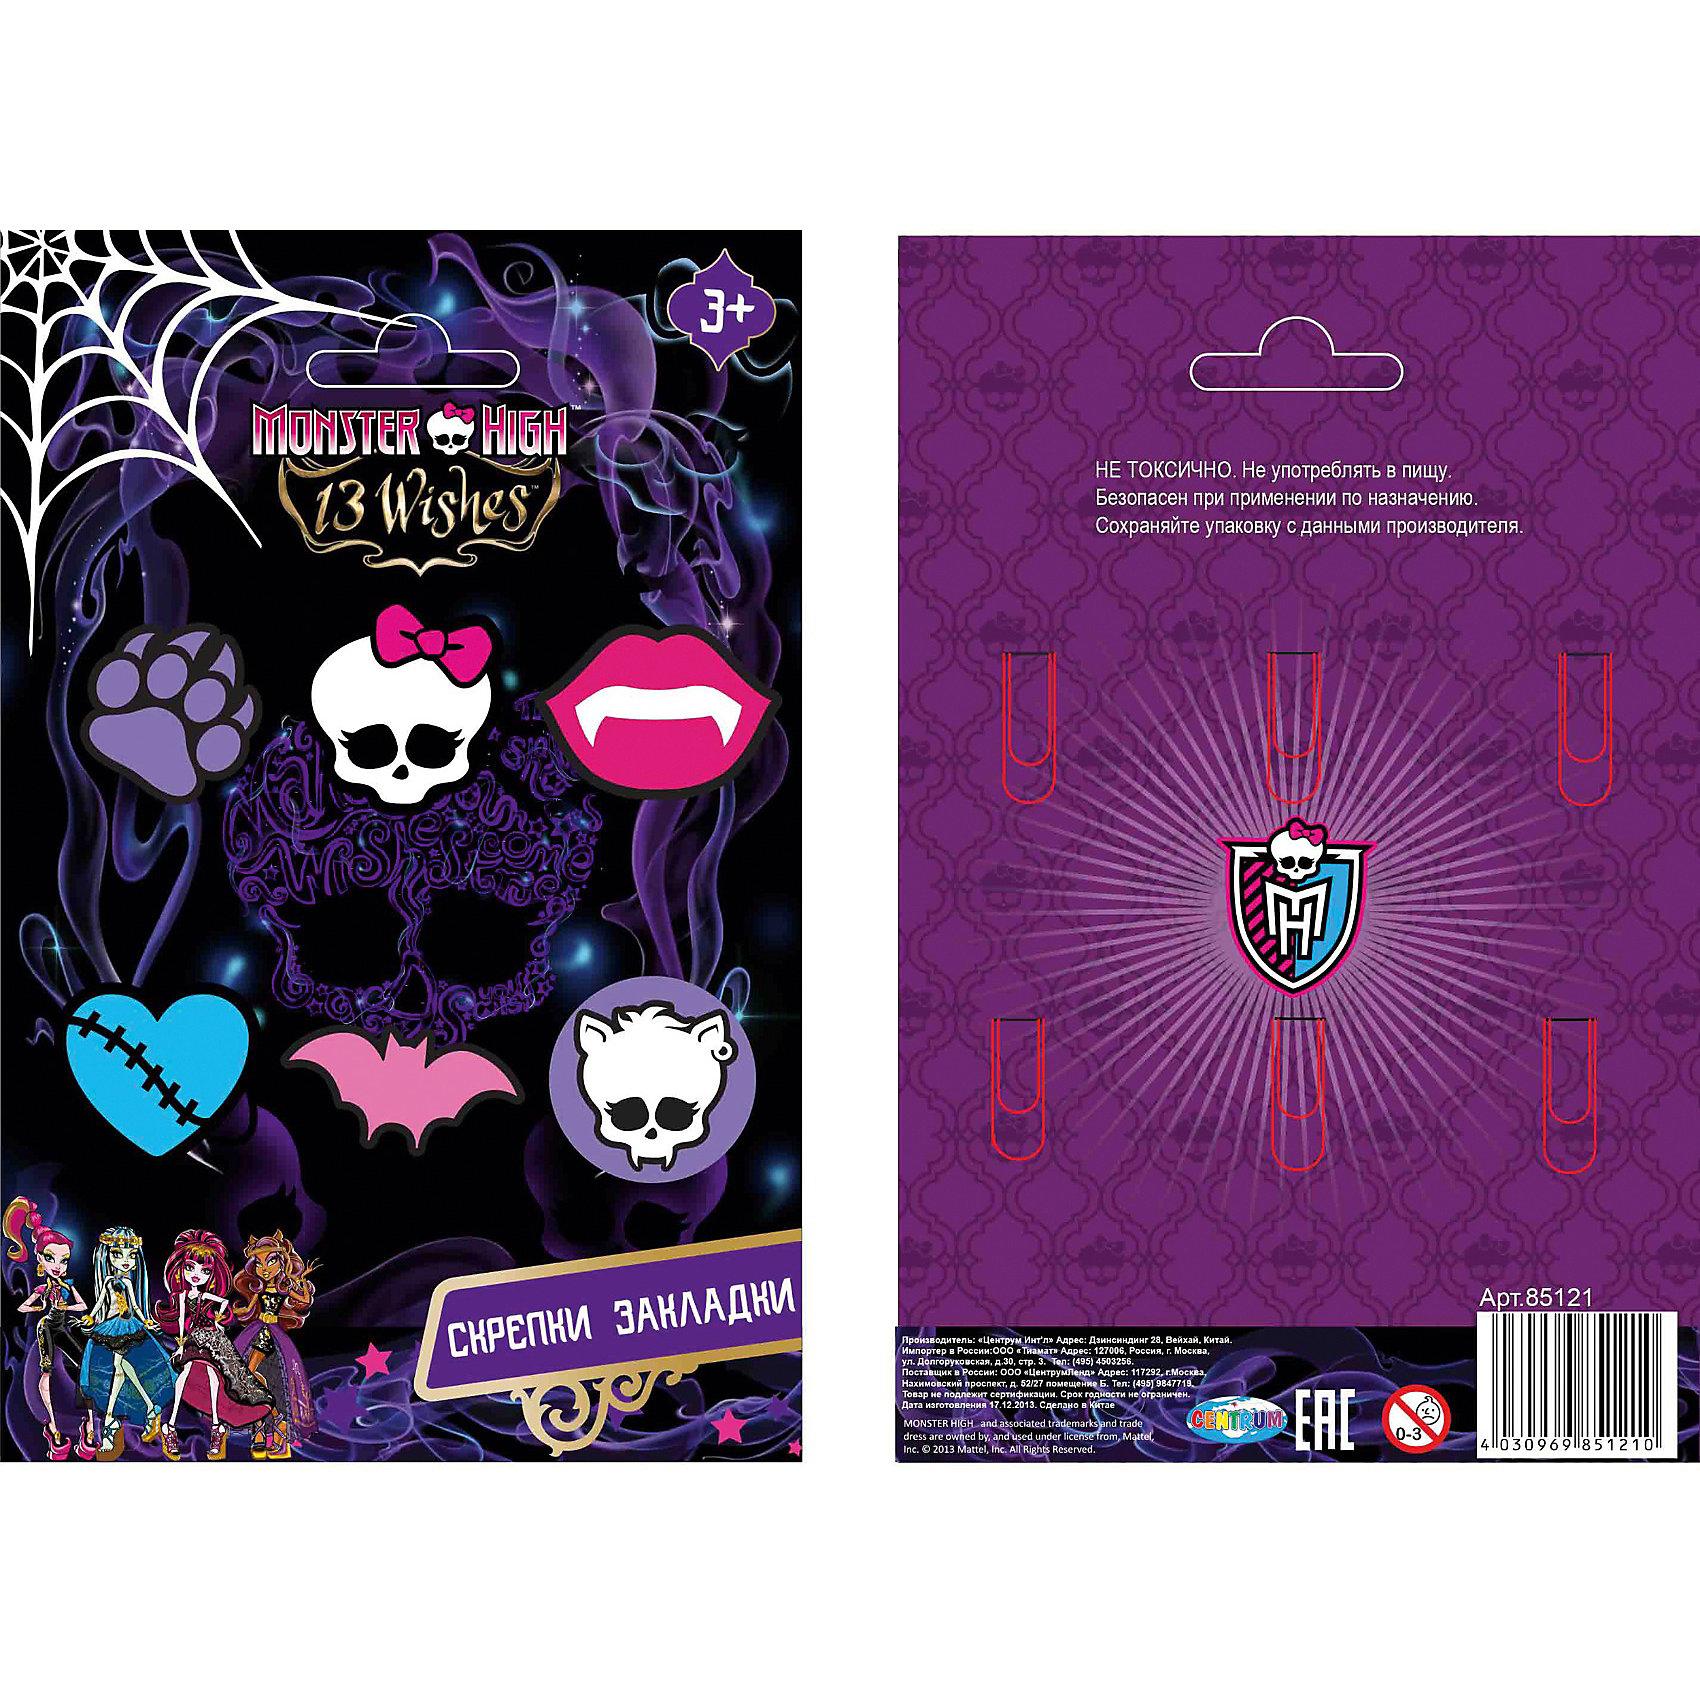 Скрепки-закладки 50 мм, Monster highMonster High<br>Скрепки-закладки Мonster High станут замечательным дополнением к другим канцелярским принадлежностям бренда Monster High. Скрепки выполнены в оригинальном дизайне по мотивам популярного мультсериала Мonster High (Школа монстров).<br><br>Дополнительная информация:<br><br>- Материал: пластик.<br>- Размер скрепки: 50 мм.<br>- Размер упаковки: 20 ? 1 ? 12 см.<br>- Вес: 10 гр.<br><br>Скрепки-закладки, ассорти, Мonster High (Монстр Хай), можно купить в нашем интернет-магазине.<br><br>Ширина мм: 5<br>Глубина мм: 120<br>Высота мм: 190<br>Вес г: 29<br>Возраст от месяцев: 36<br>Возраст до месяцев: 156<br>Пол: Женский<br>Возраст: Детский<br>SKU: 3866726